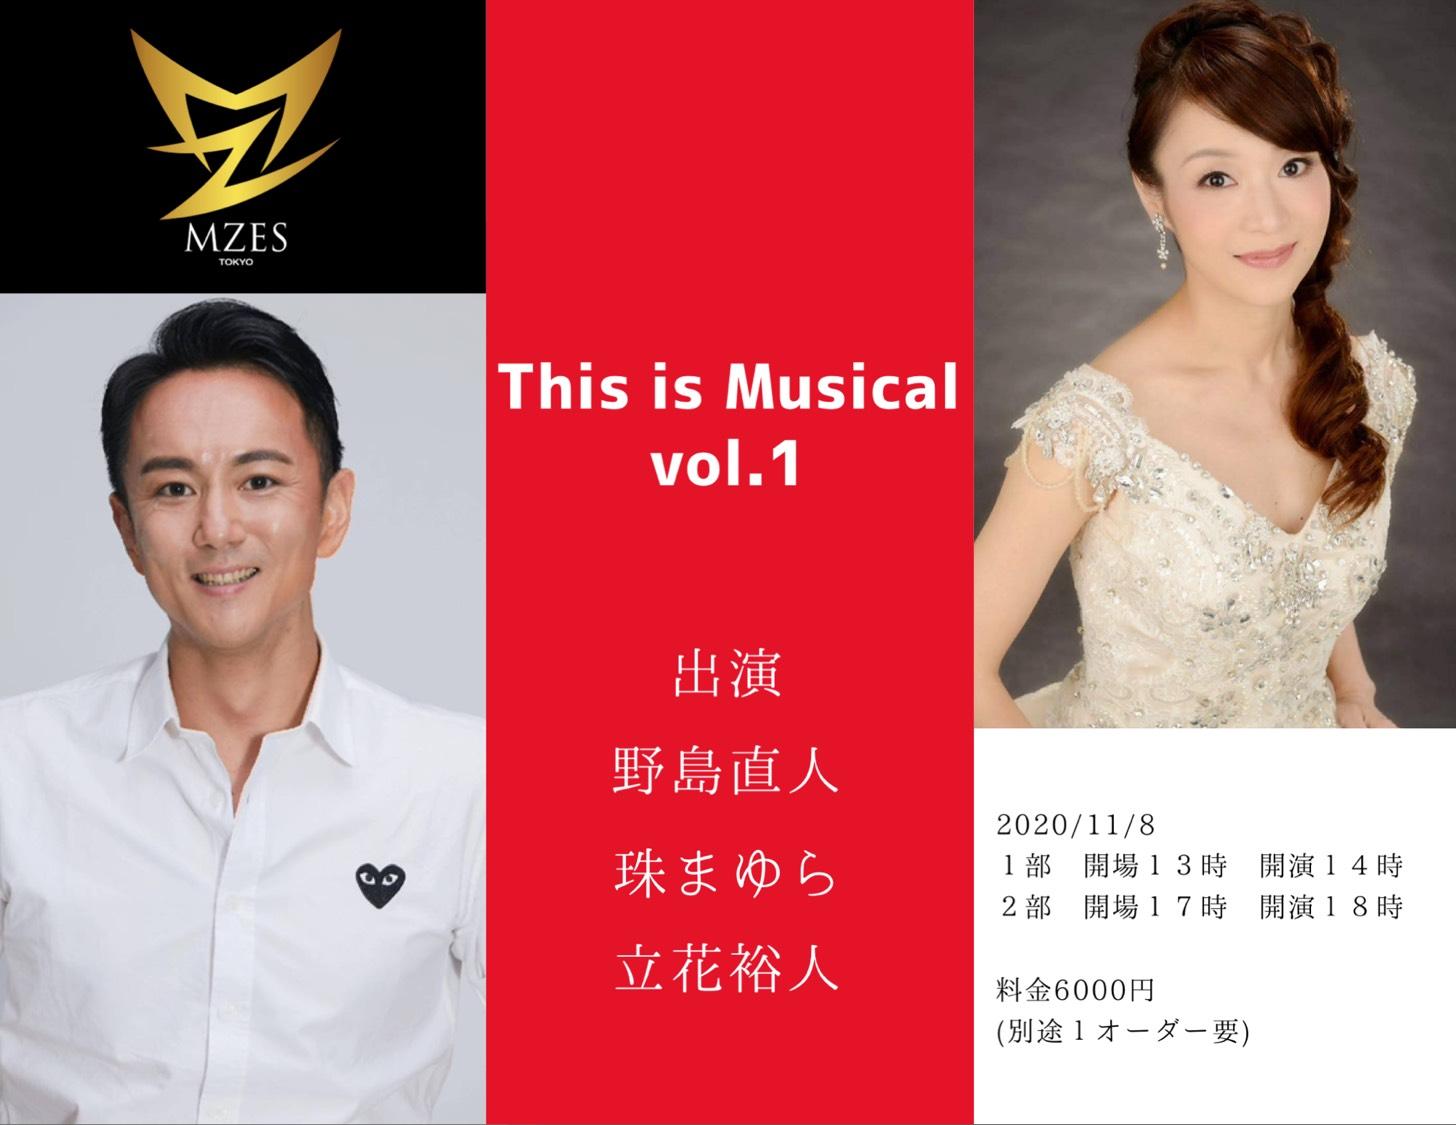 【2部】This Is Musical vol.1 ~エリザベート特集~ 出演 野島直人 珠まゆら 立花裕人